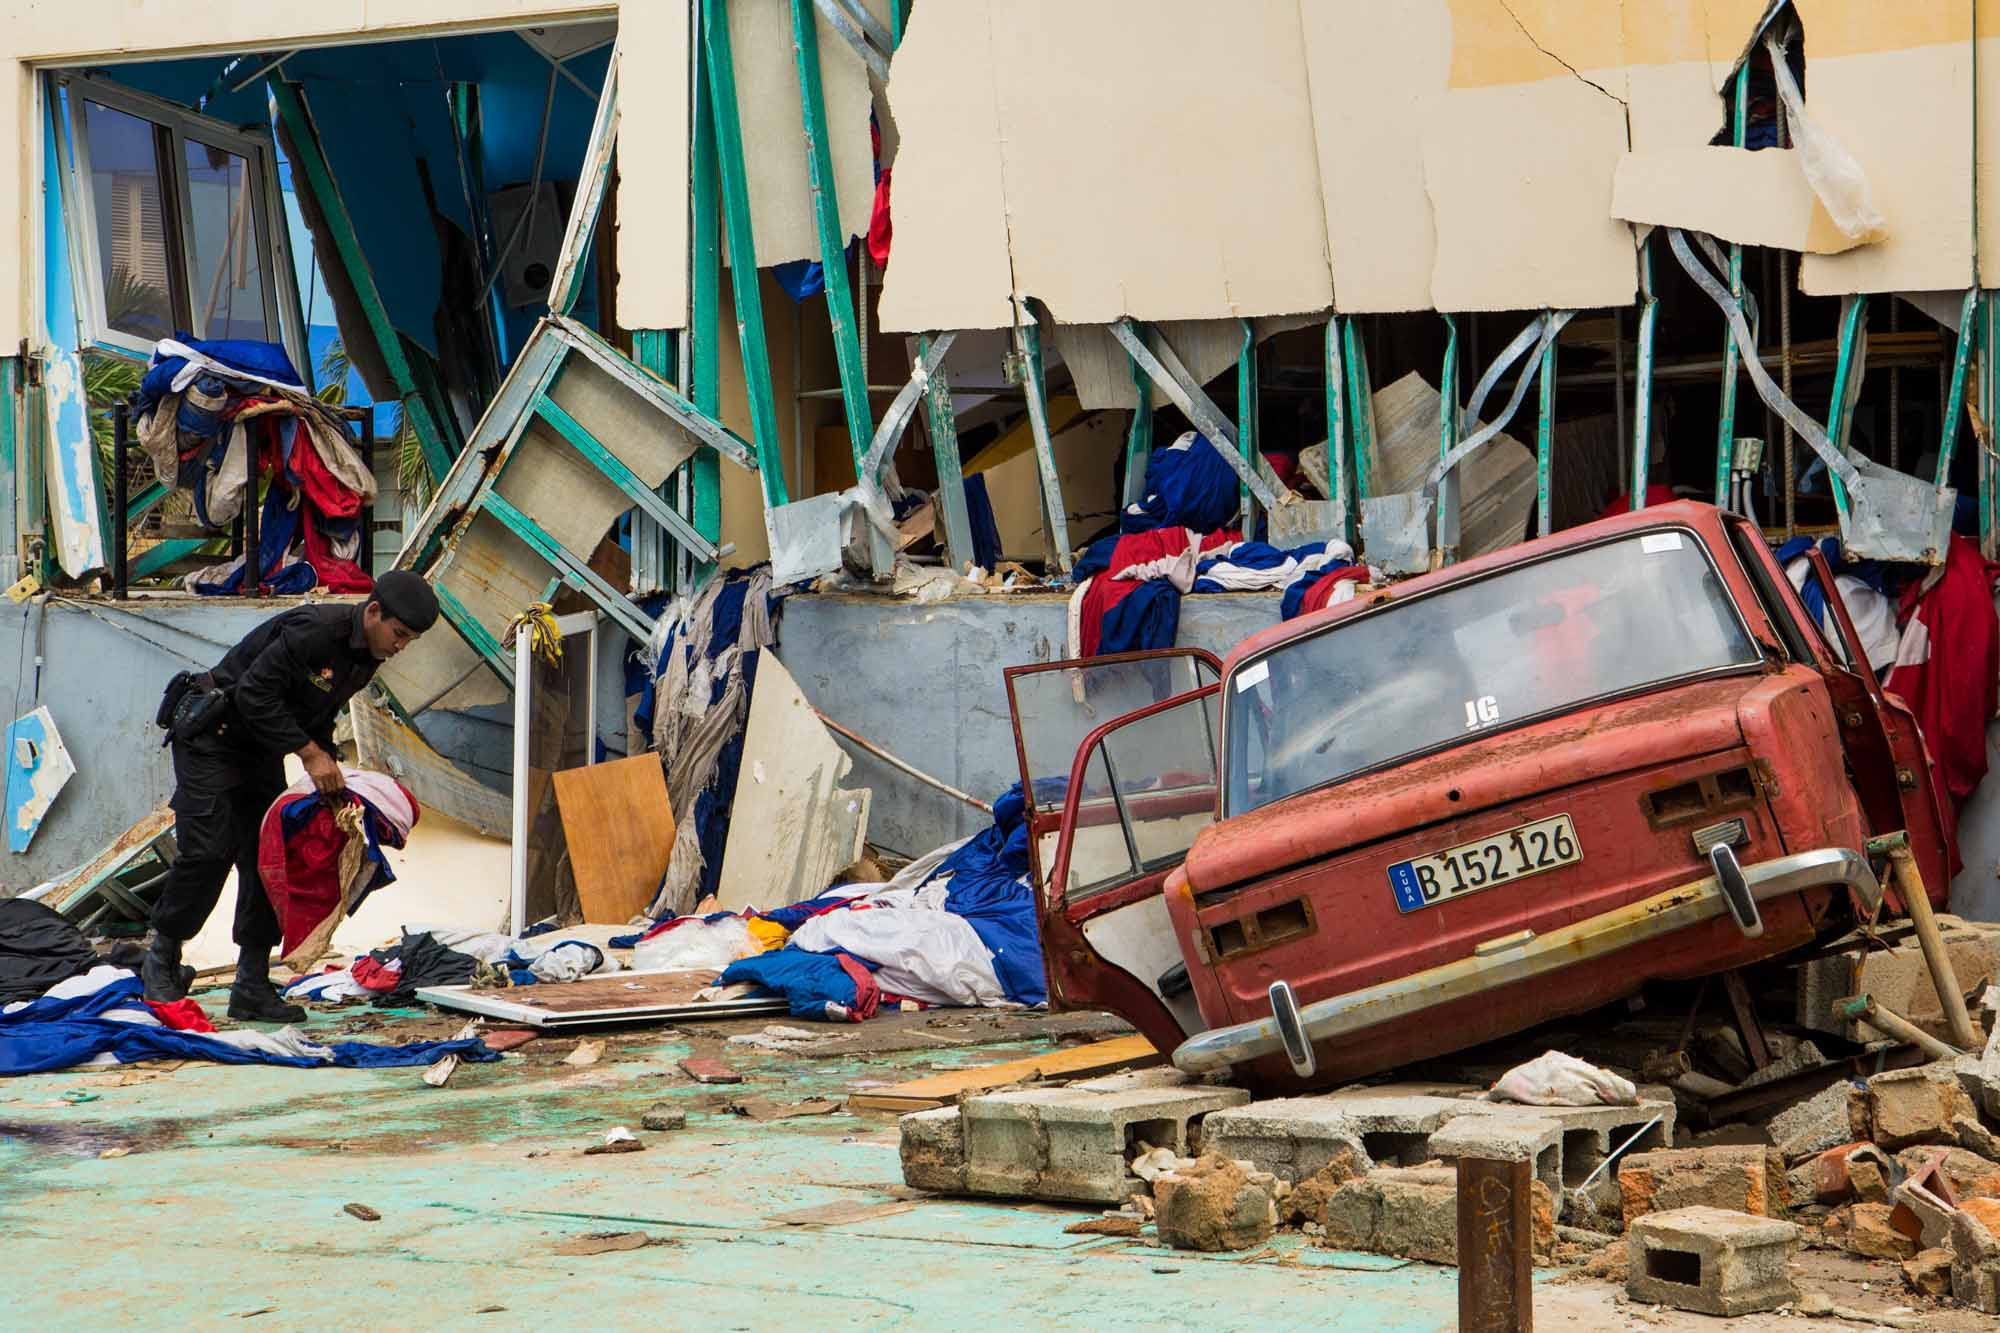 Este auto impactó el edifico durante el paso del huracán Irma (Foto: Jorge Ricardo)